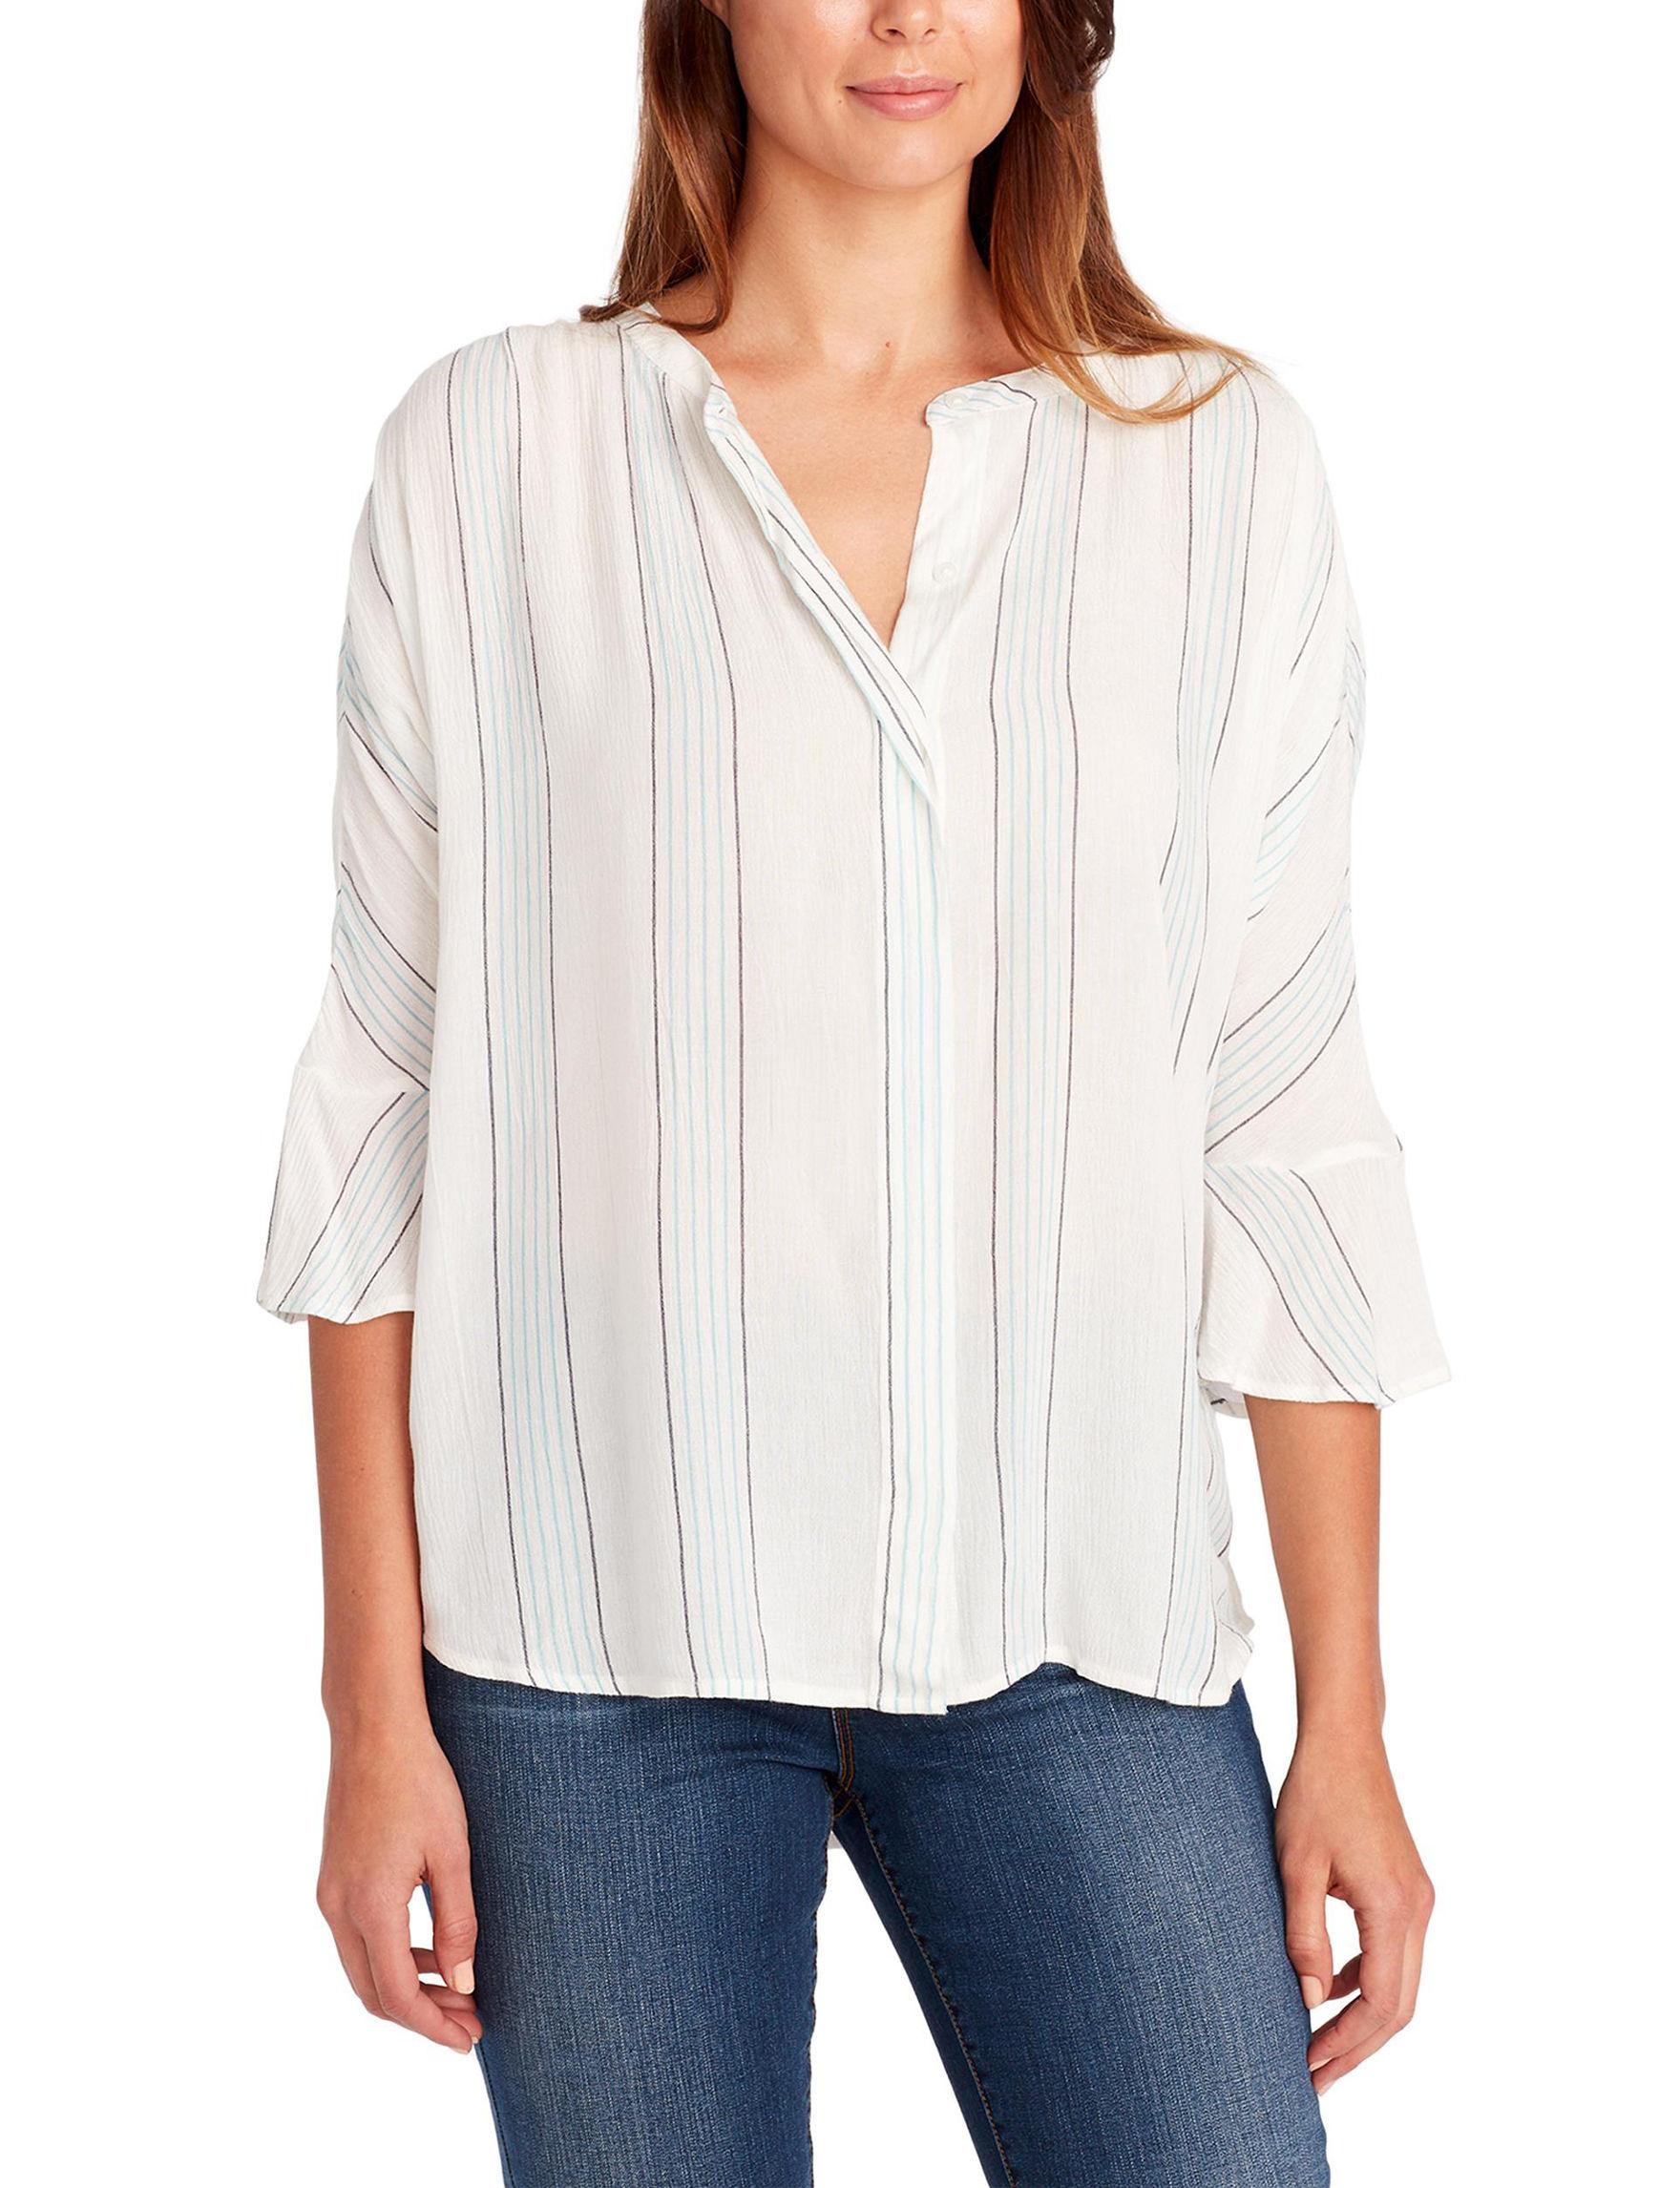 Nine West White Shirts & Blouses